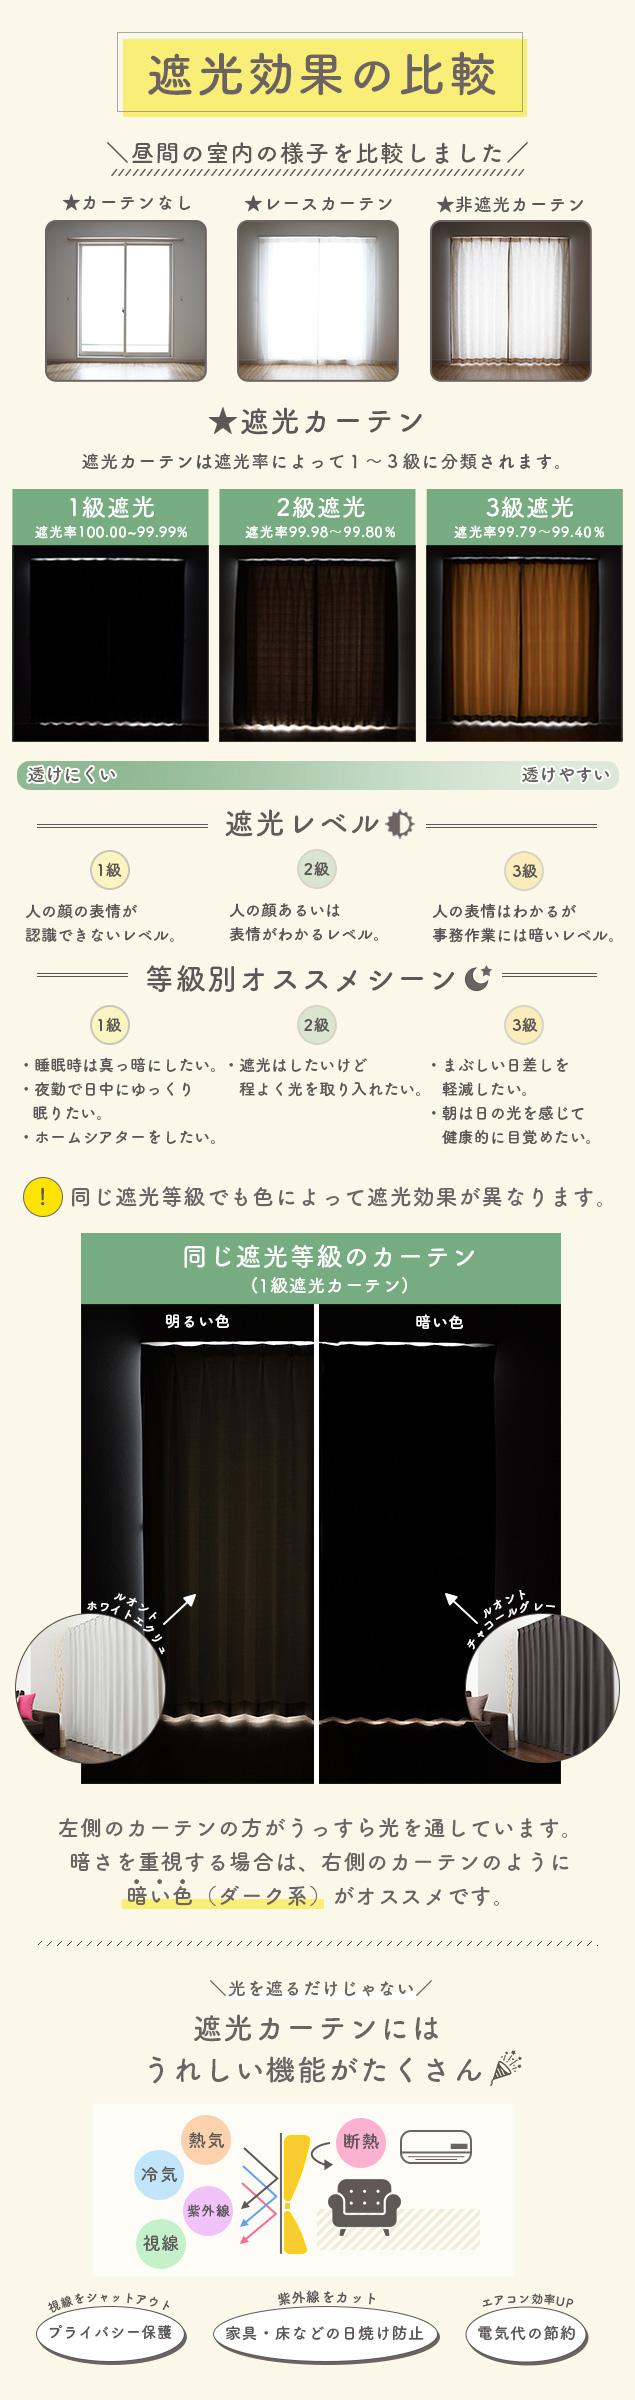 遮光効果の比較